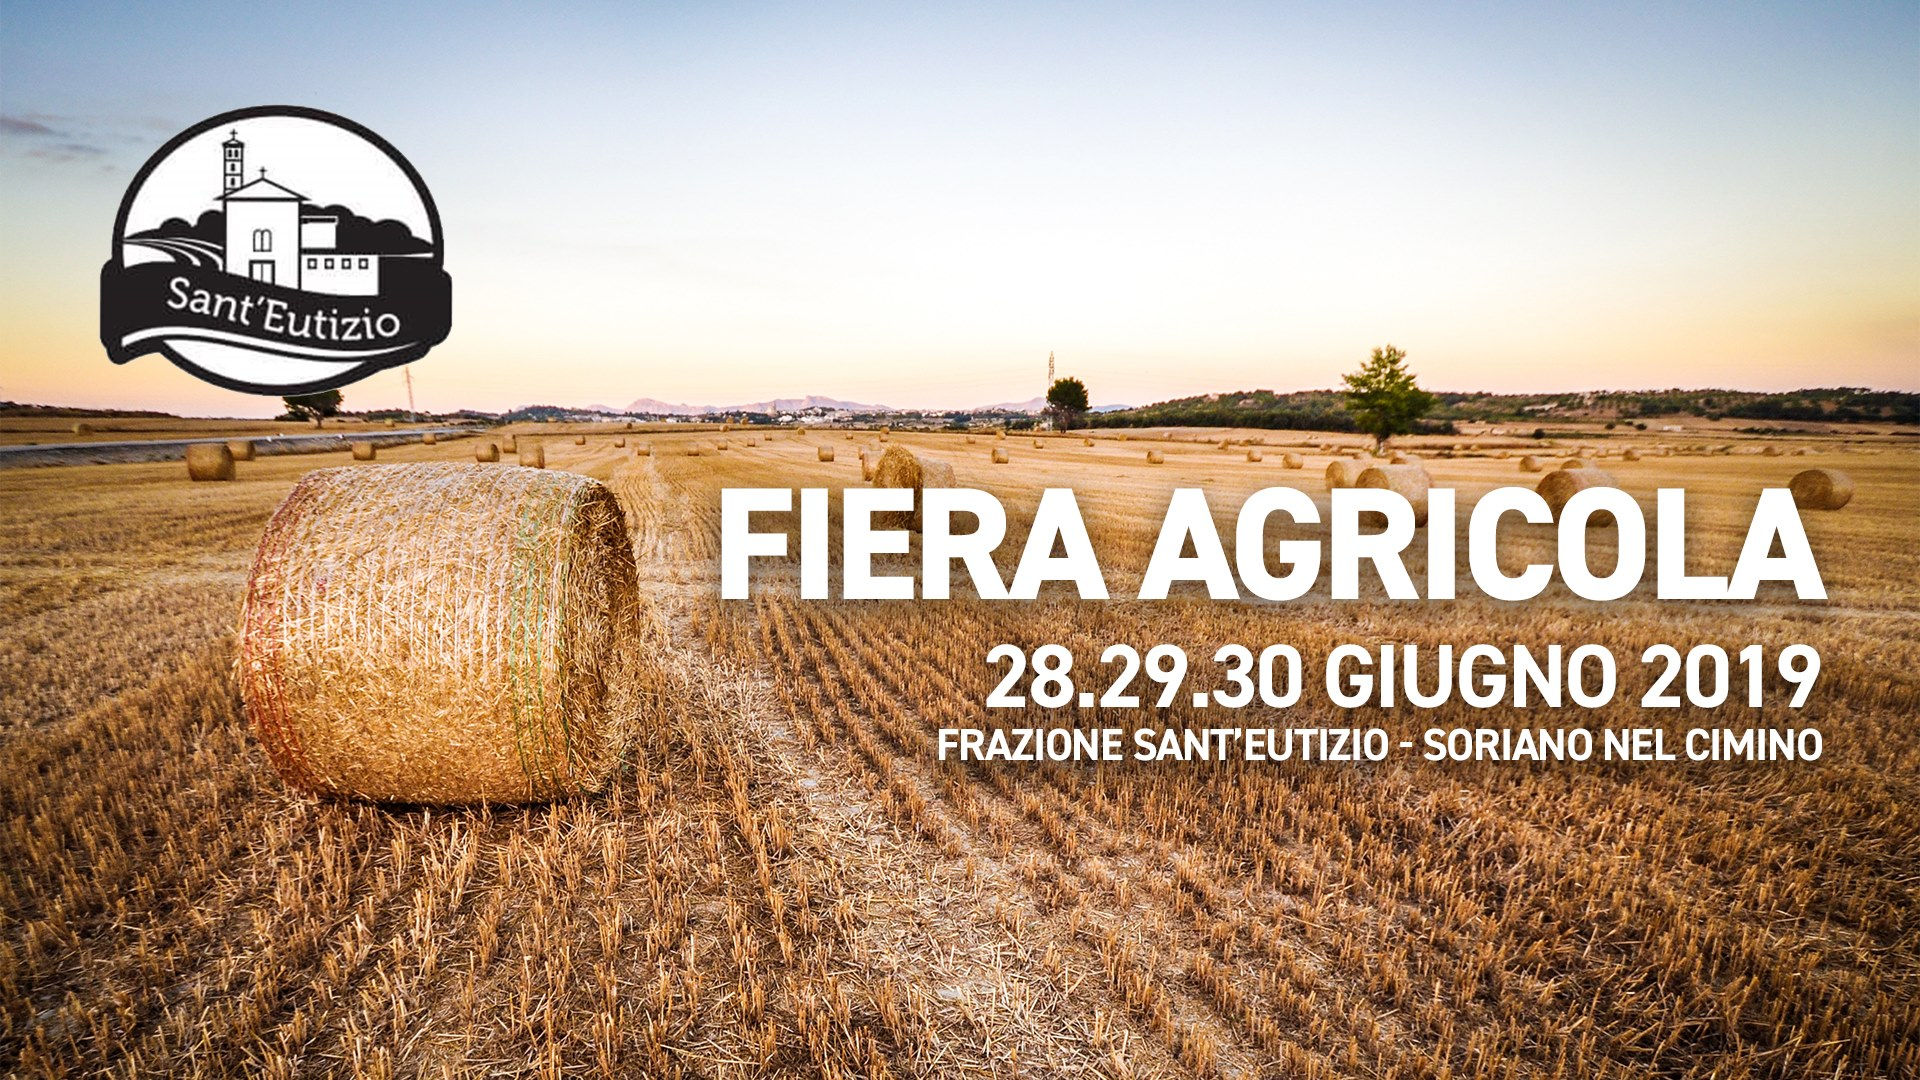 Fiera Agricola Soriano 2019